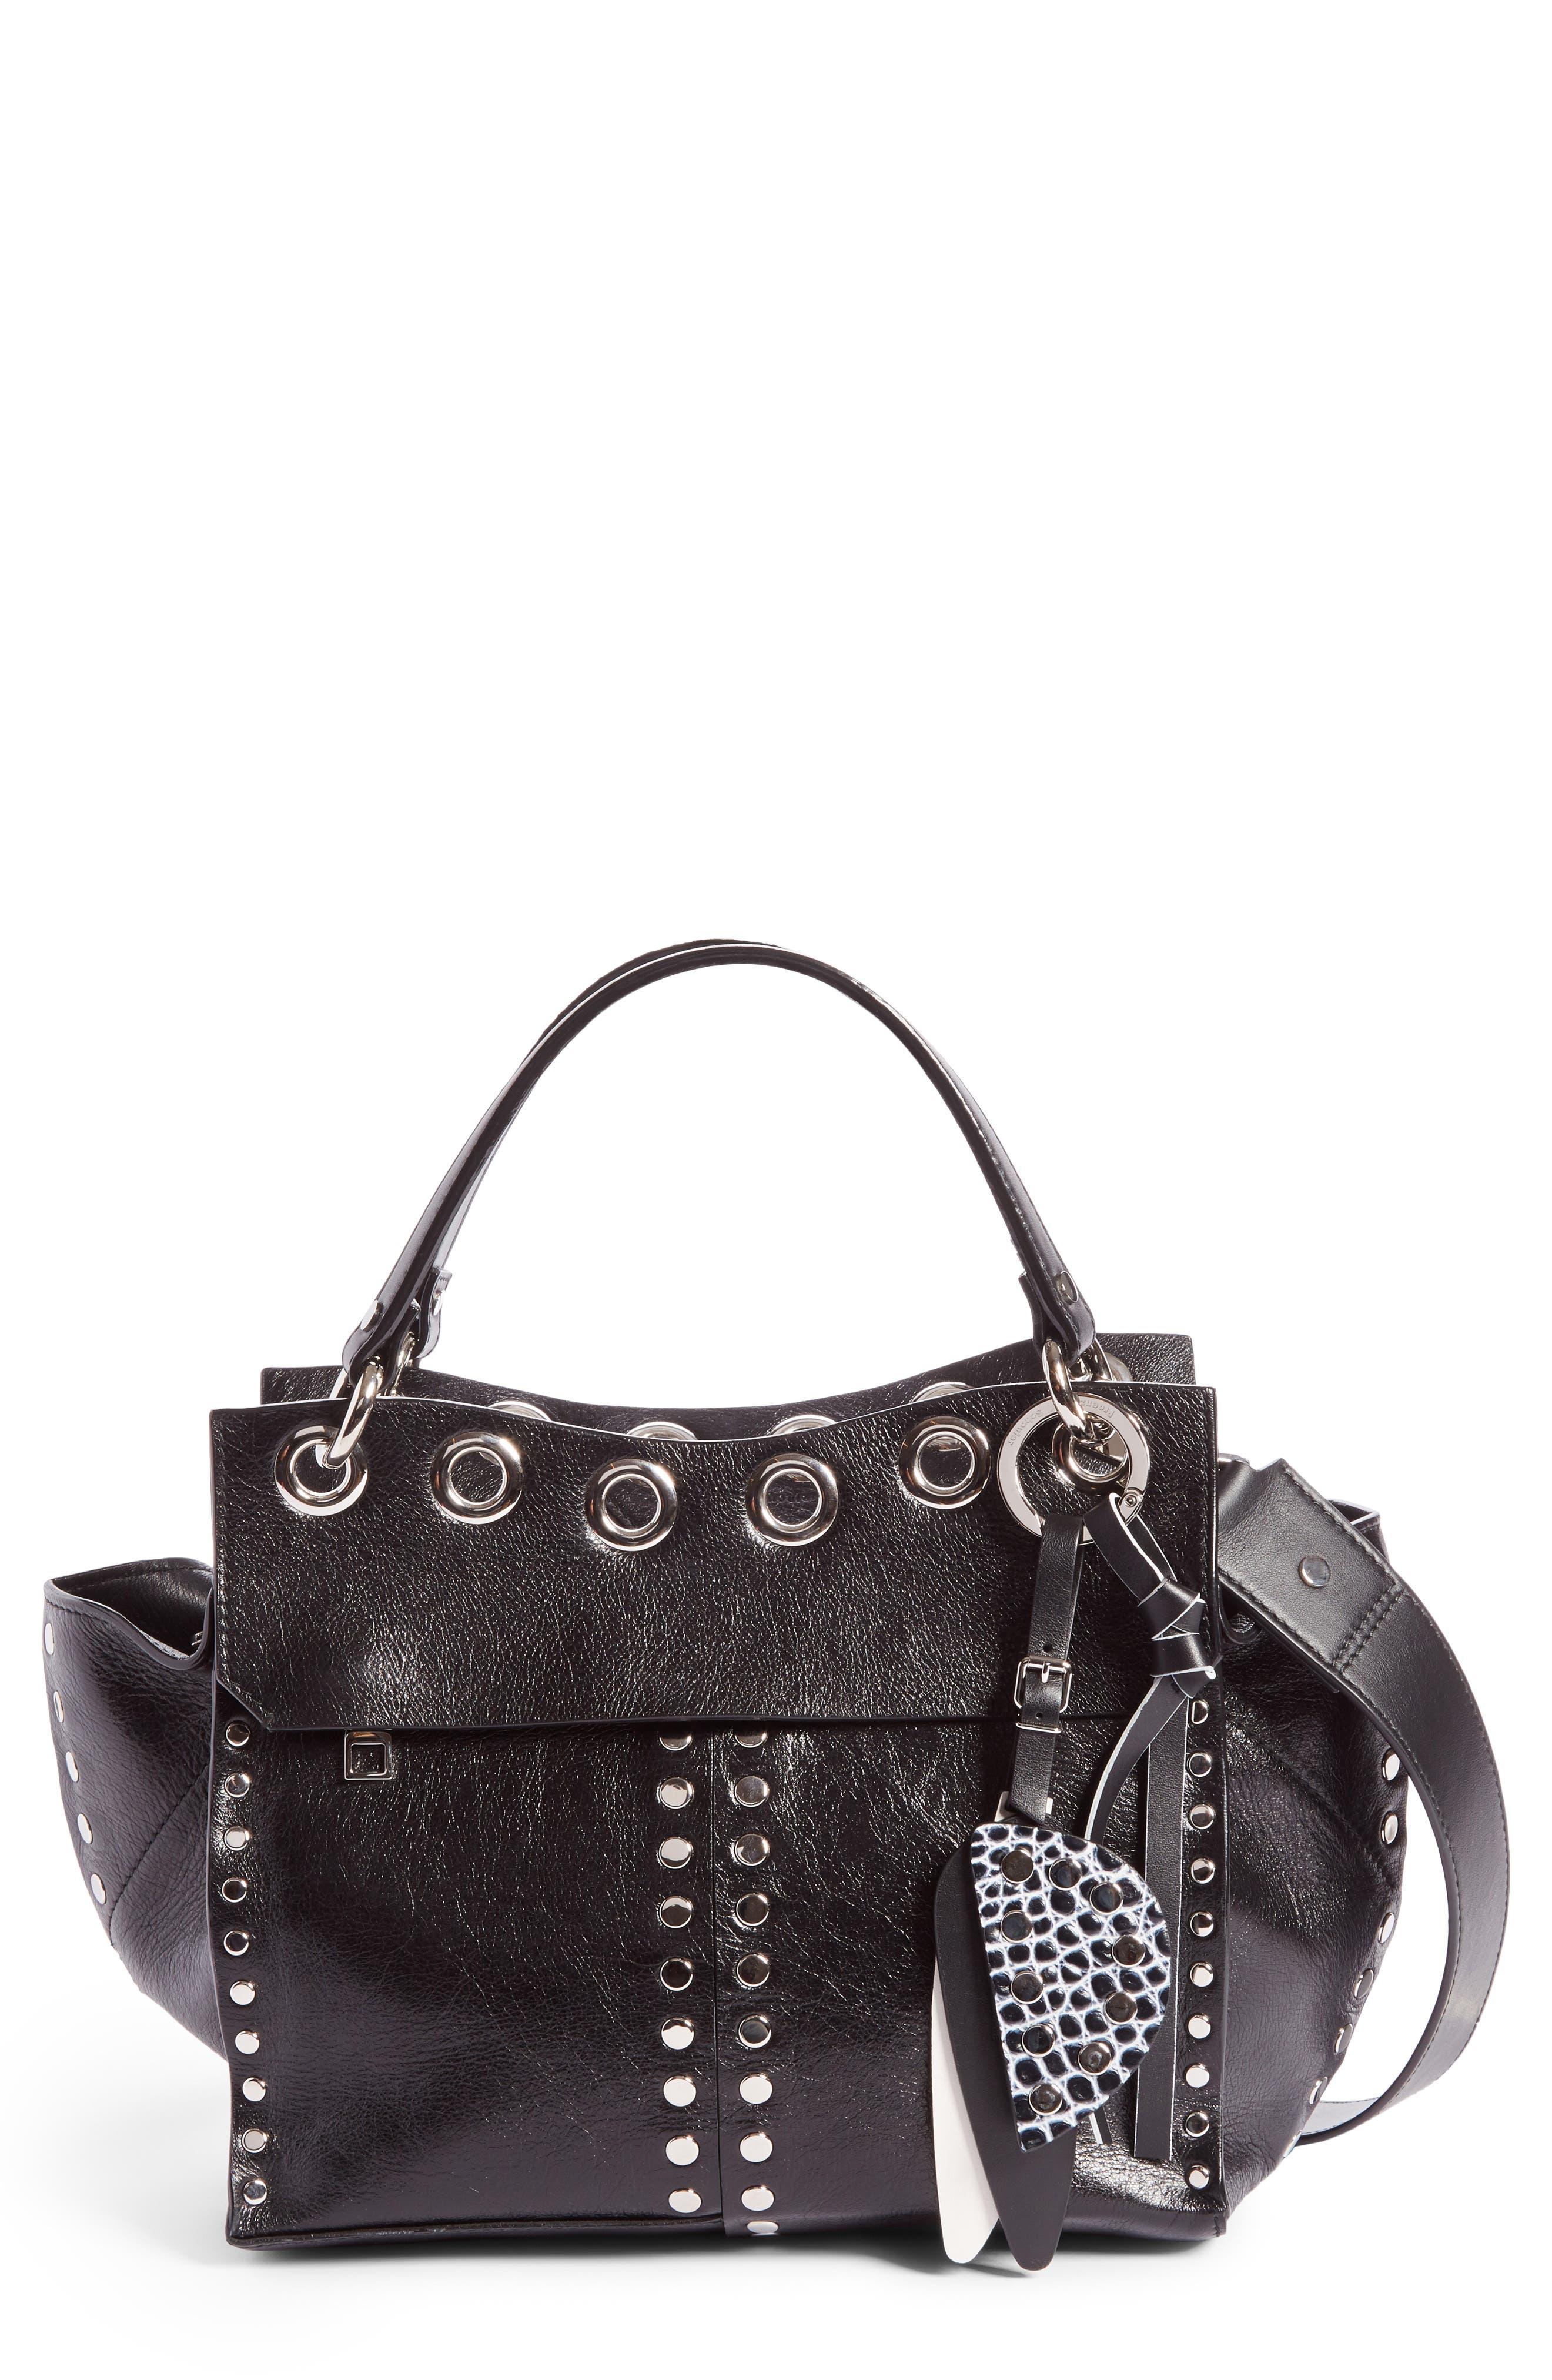 PROENZA SCHOULER Curl Studded Leather Shoulder Bag